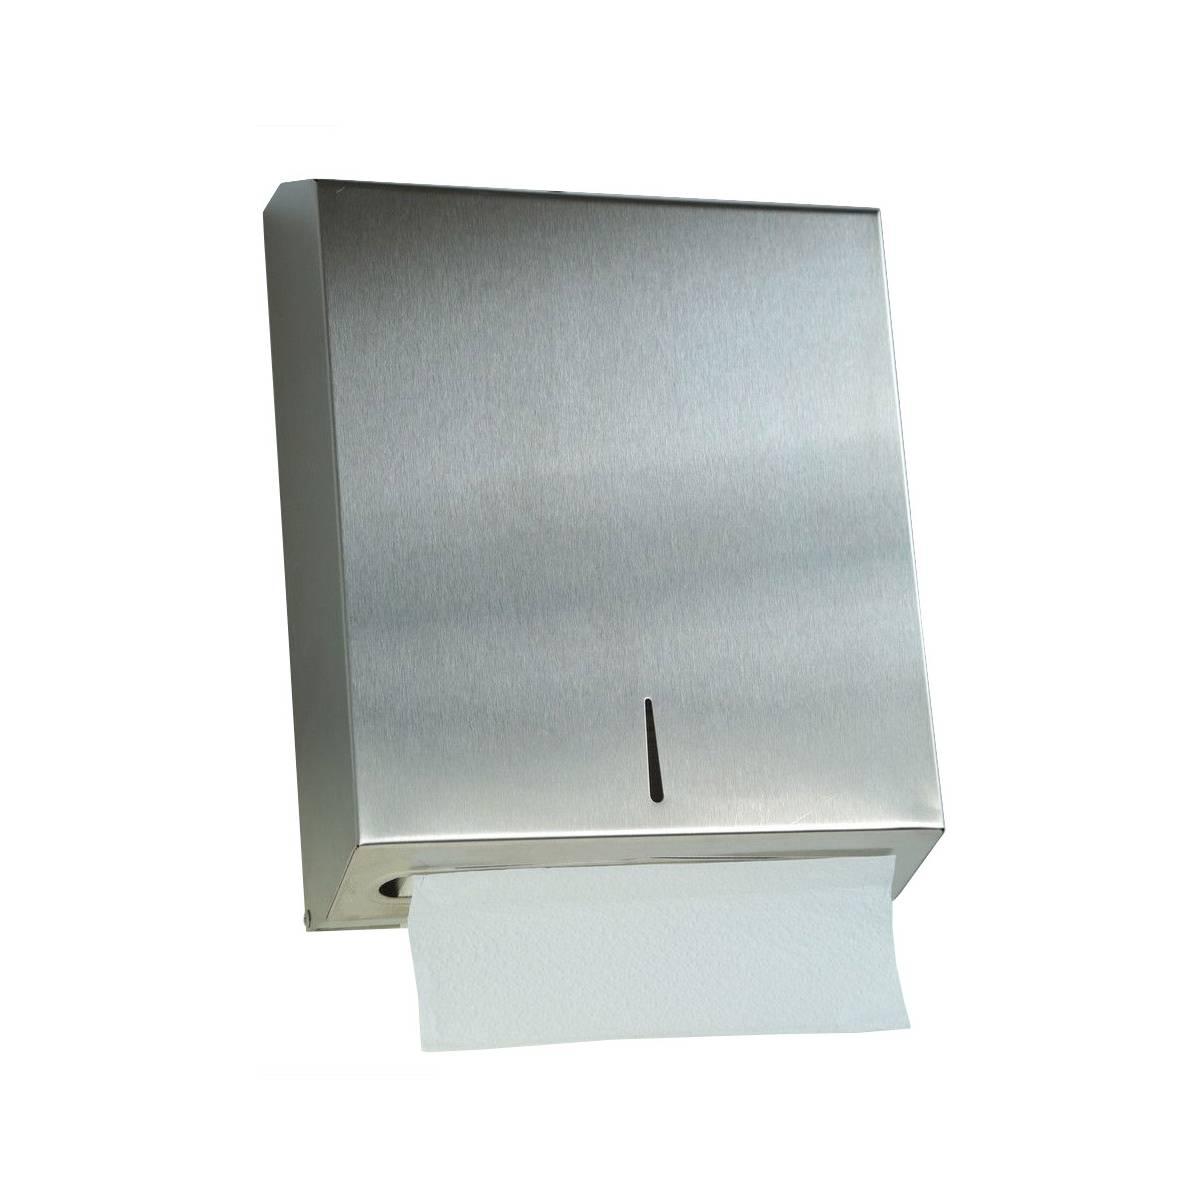 Диспенсер бумажных полотенец, пачка Z-складка 400 шт. 205400 Noksi